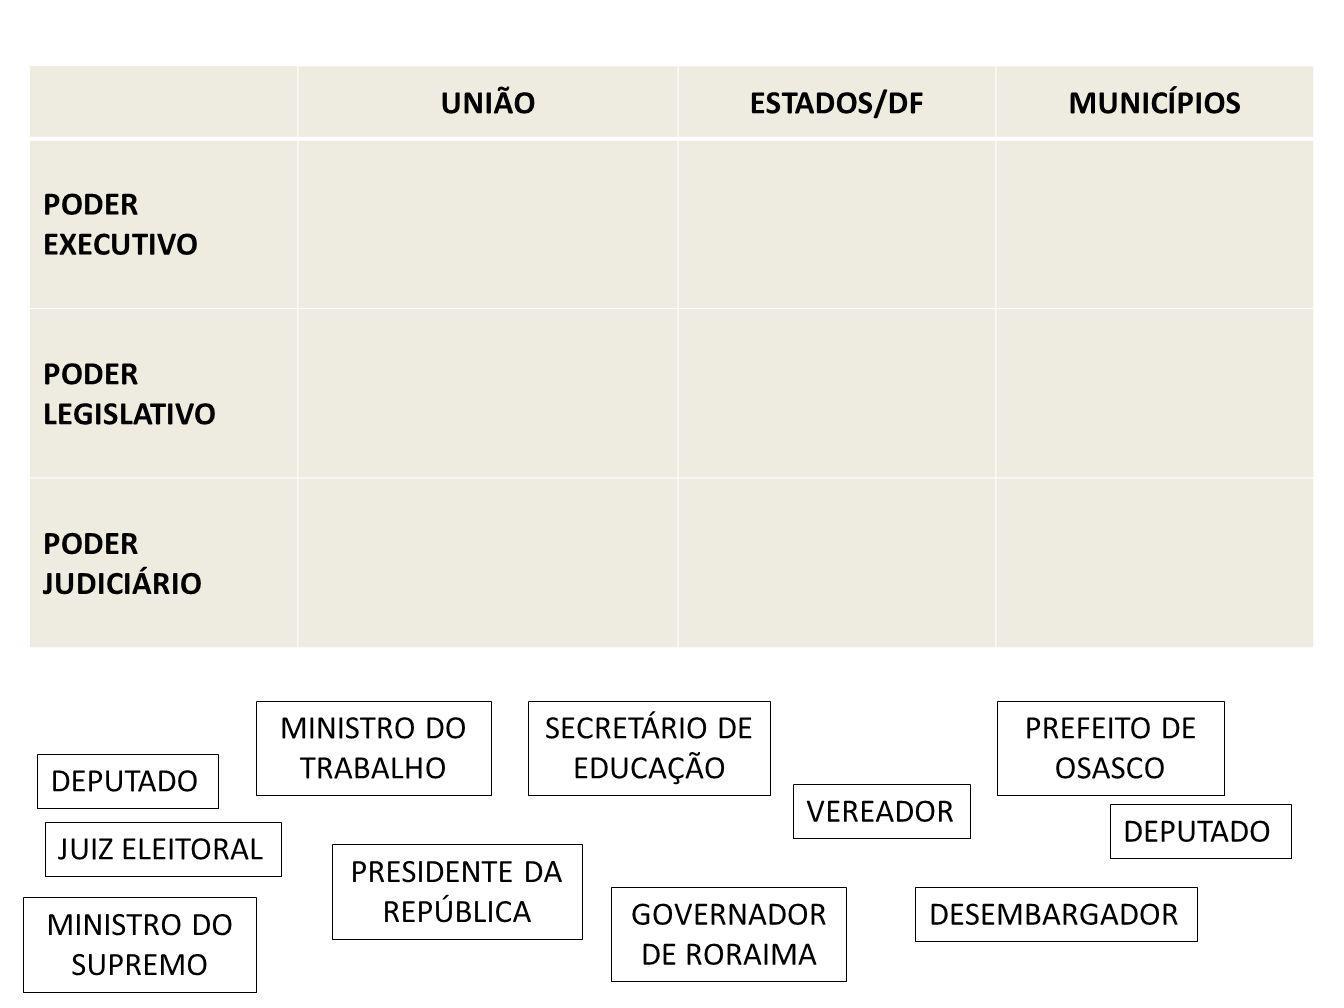 UNIÃOESTADOS/DFMUNICÍPIOS PODER EXECUTIVO PODER LEGISLATIVO PODER JUDICIÁRIO SECRETÁRIO DE EDUCAÇÃO DEPUTADO PREFEITO DE OSASCO PRESIDENTE DA REPÚBLIC